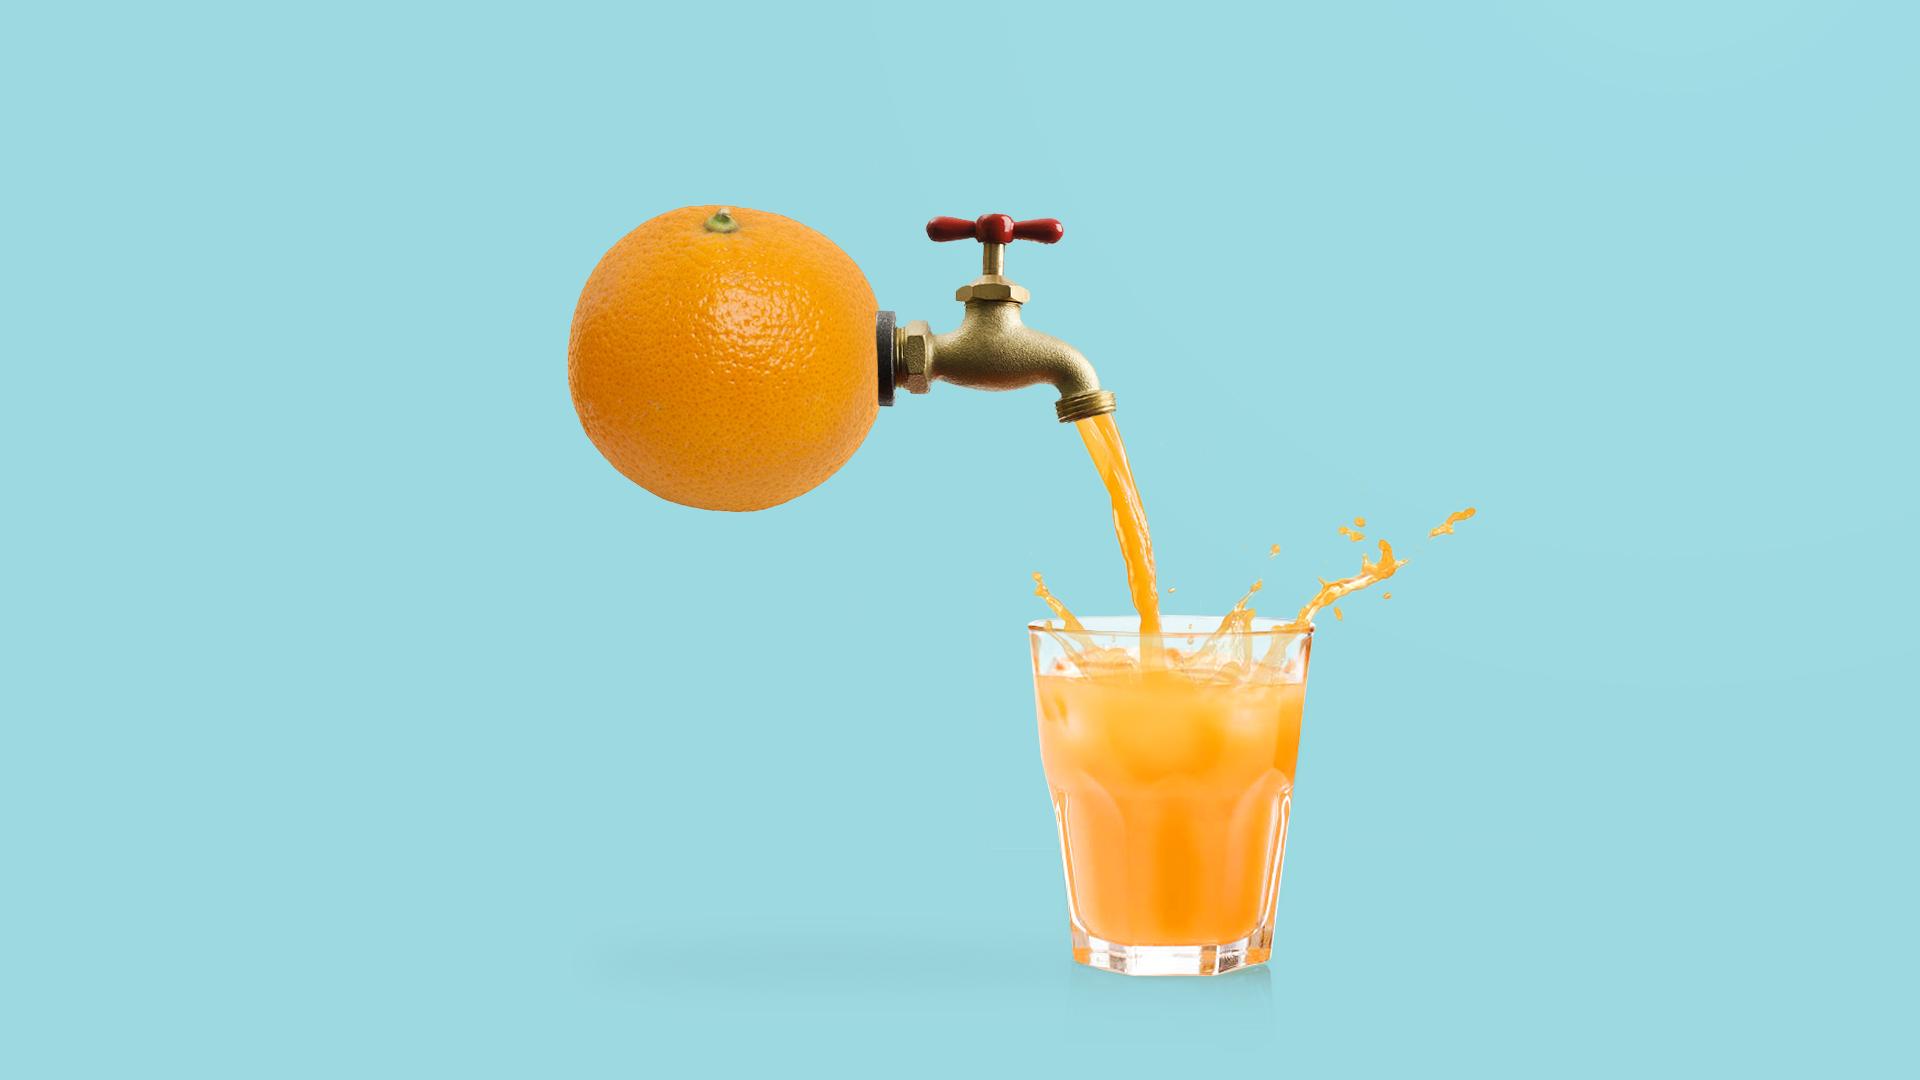 AICP_OrangeJuice_A01_V01.jpg